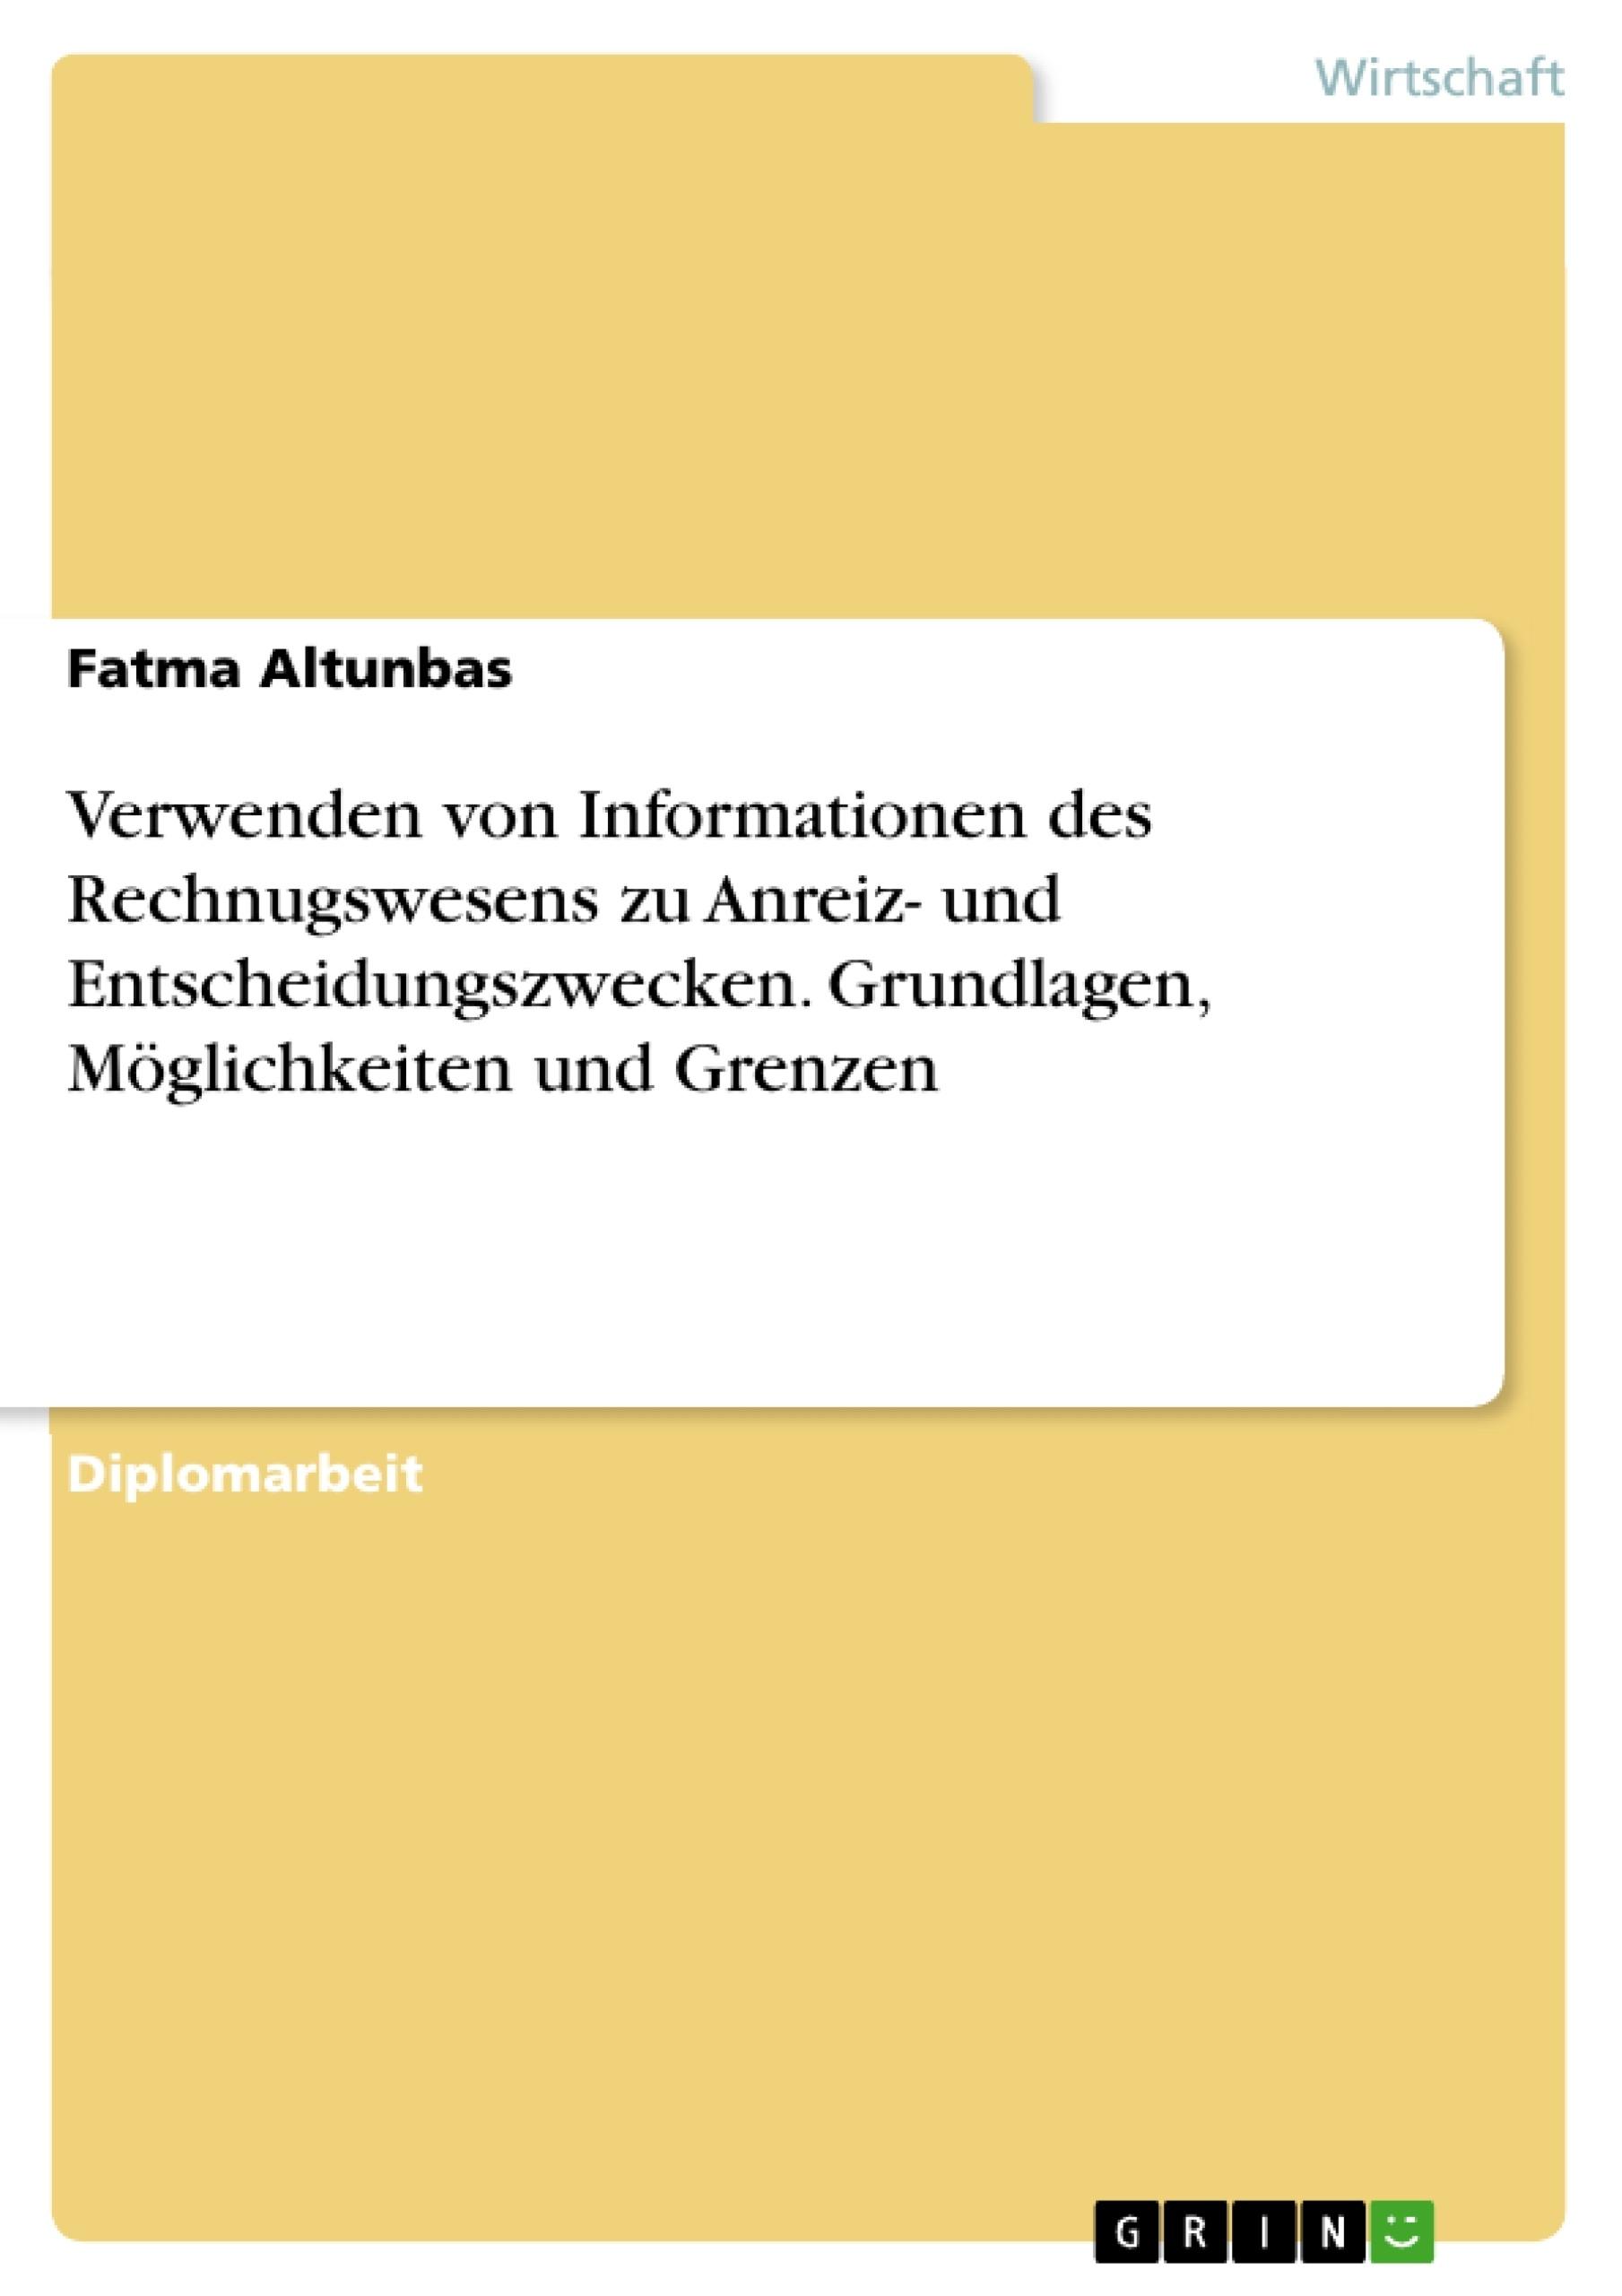 Titel: Verwenden von Informationen des Rechnugswesens zu Anreiz- und Entscheidungszwecken. Grundlagen, Möglichkeiten und Grenzen